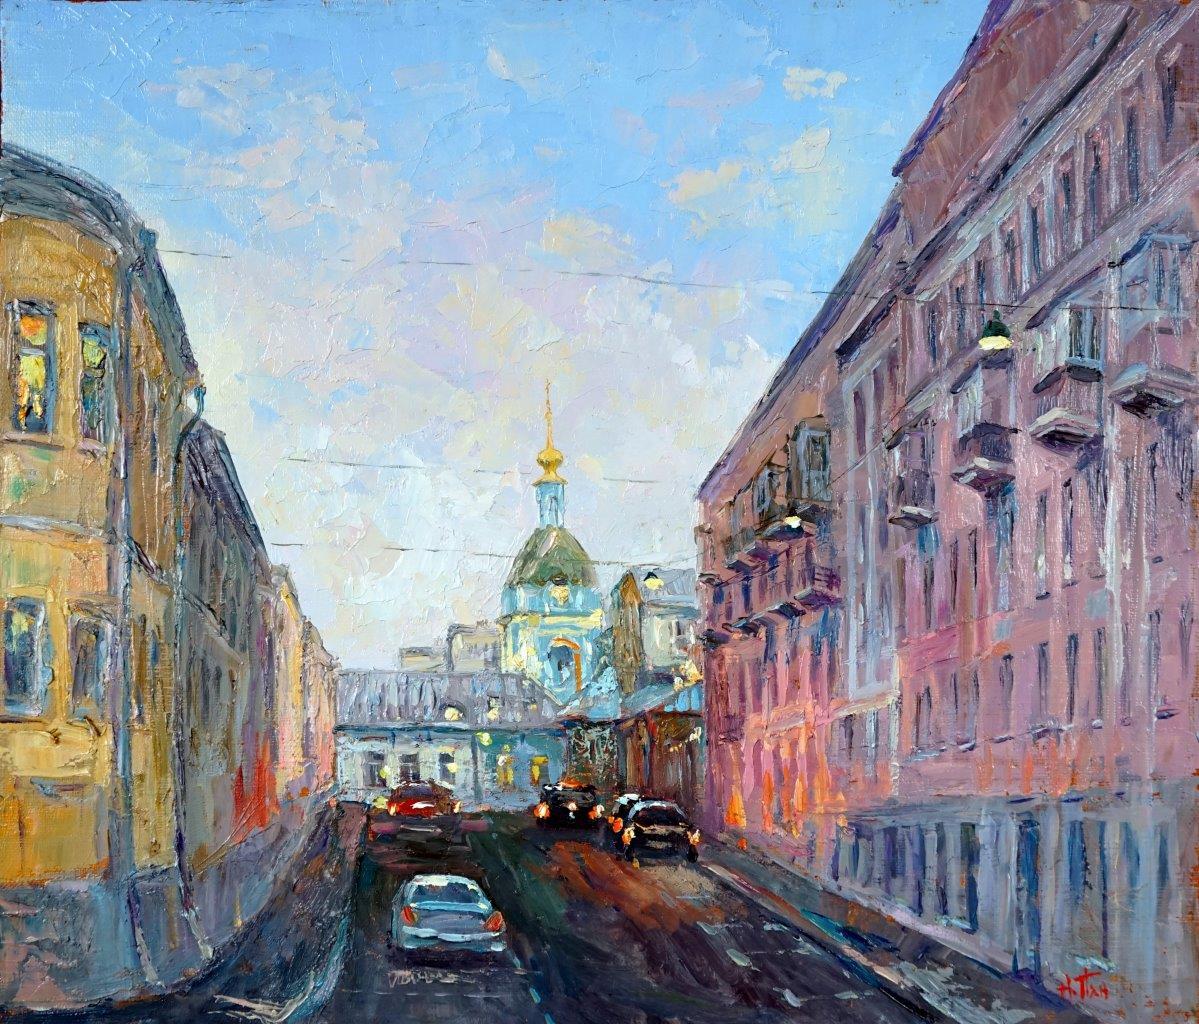 Нина Панюкова Петропавловский переулок. х. м. 35х40